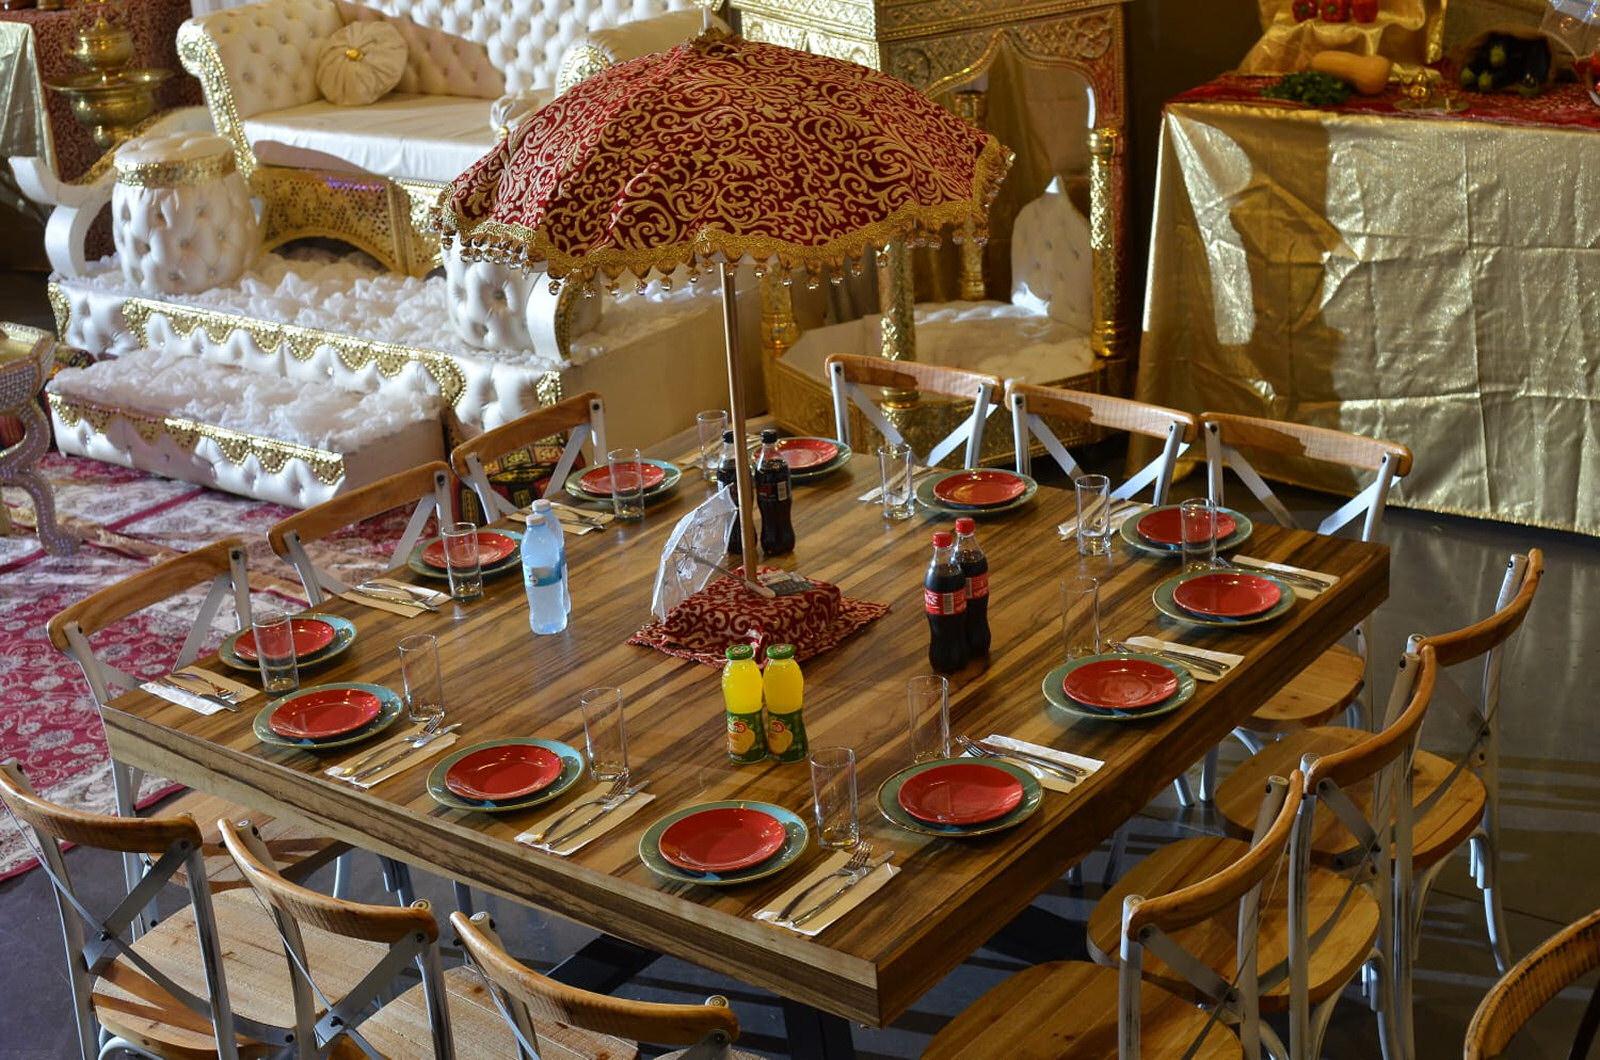 מסעדה לבר מצווה בראשון לציון